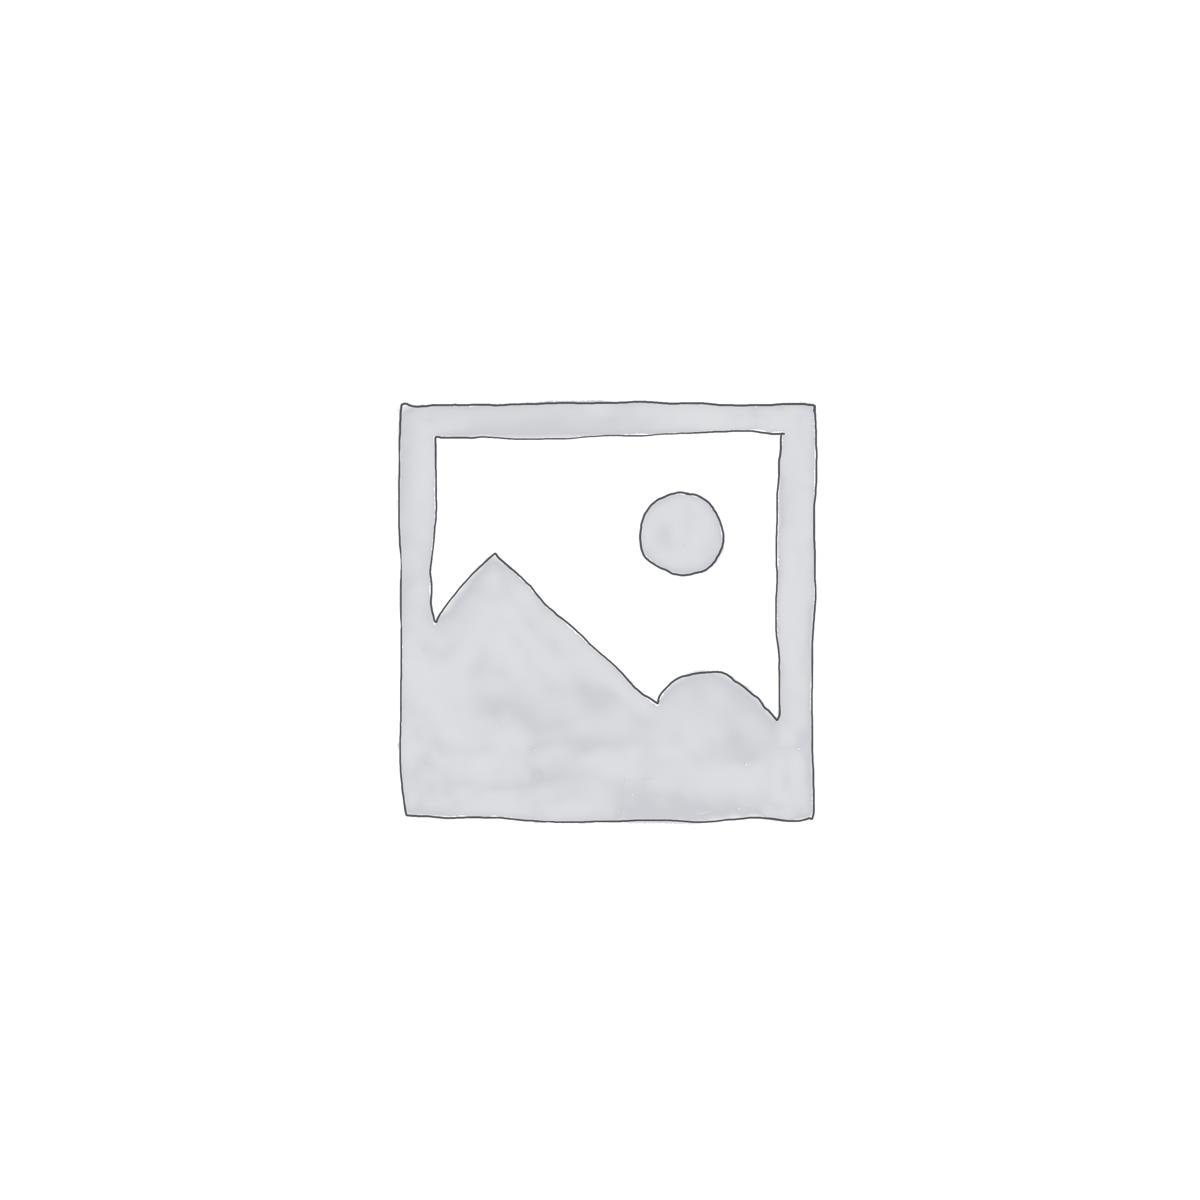 3D Look Kids World Map with Hot Air Balloon Wallpaper Mural